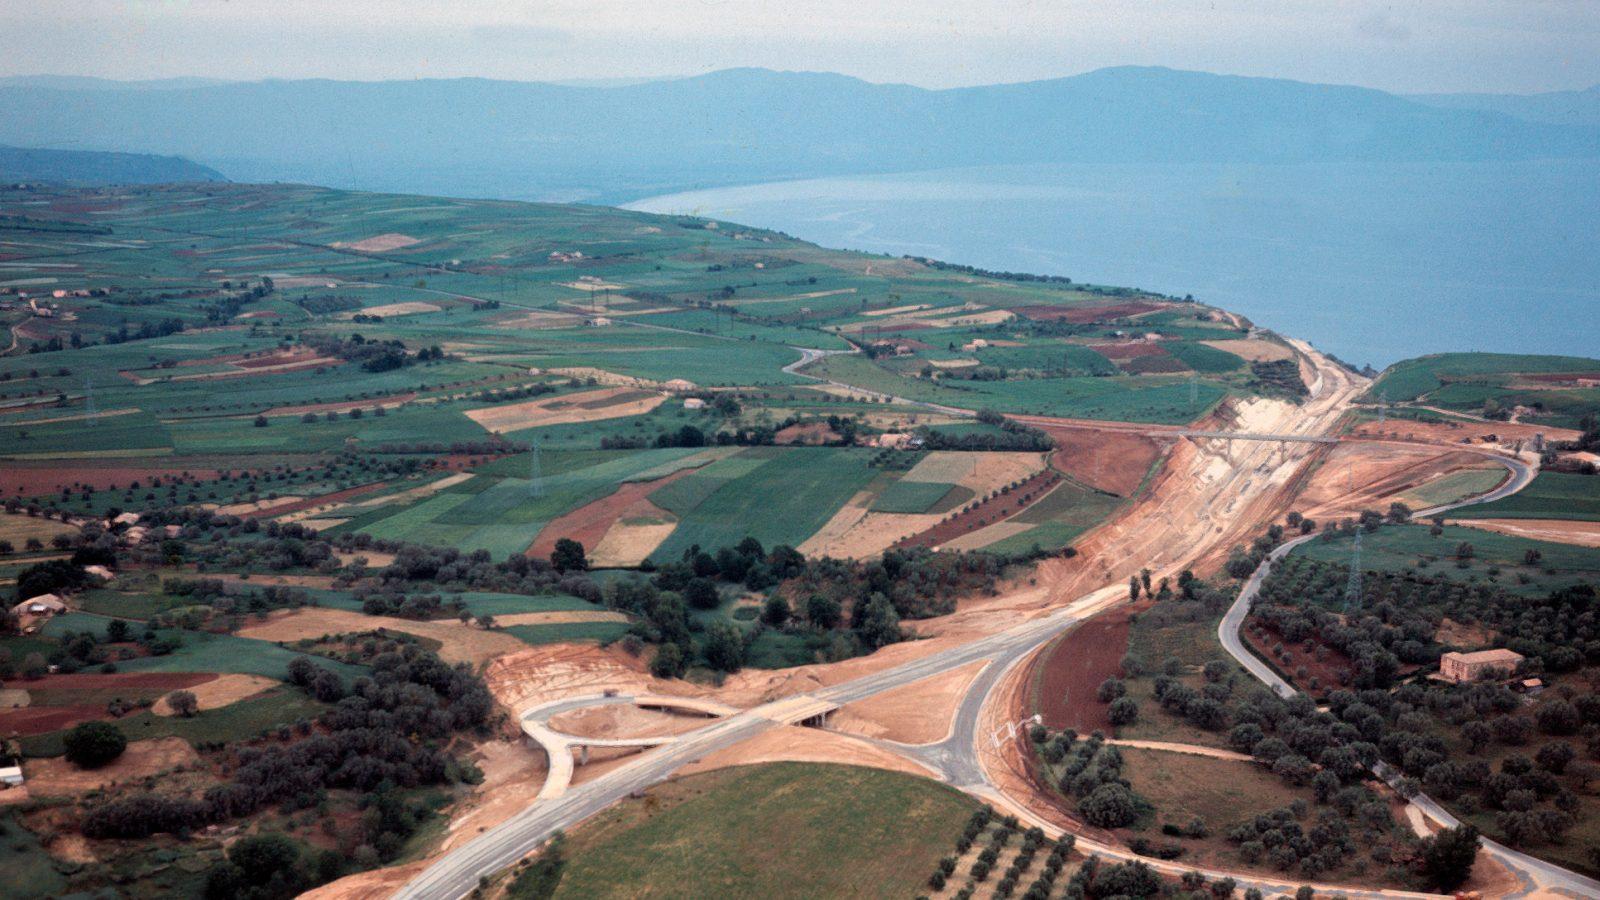 Tratto dell'Autostrada Salerno – Reggio Calabria in costruzione (Archivio storico Anas)